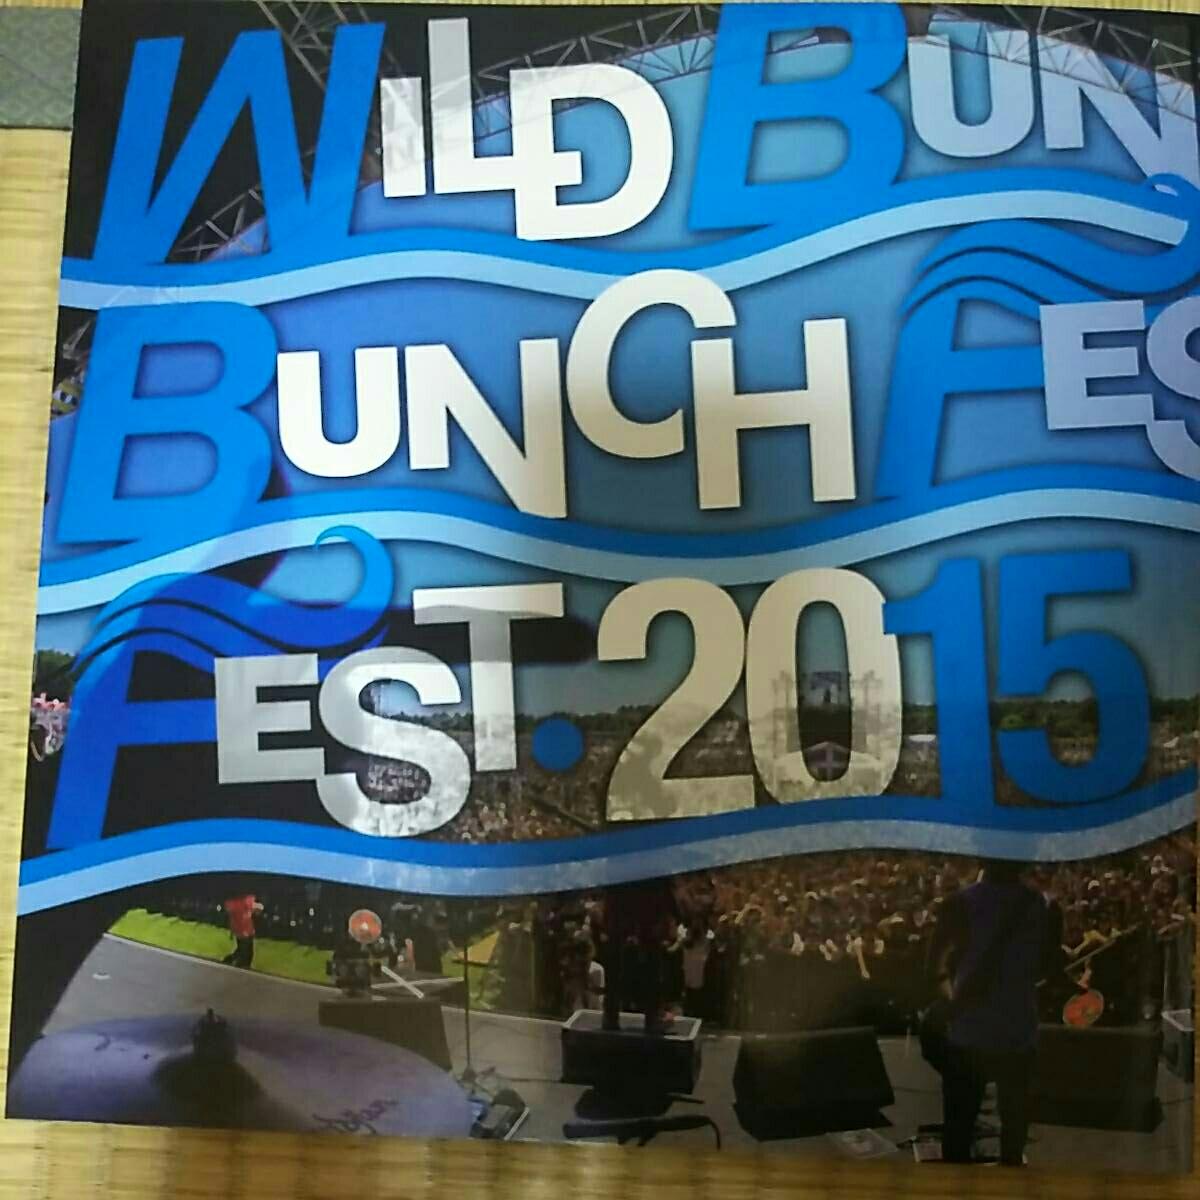 限定!WILD BUNCH FES 2015 フォトブック